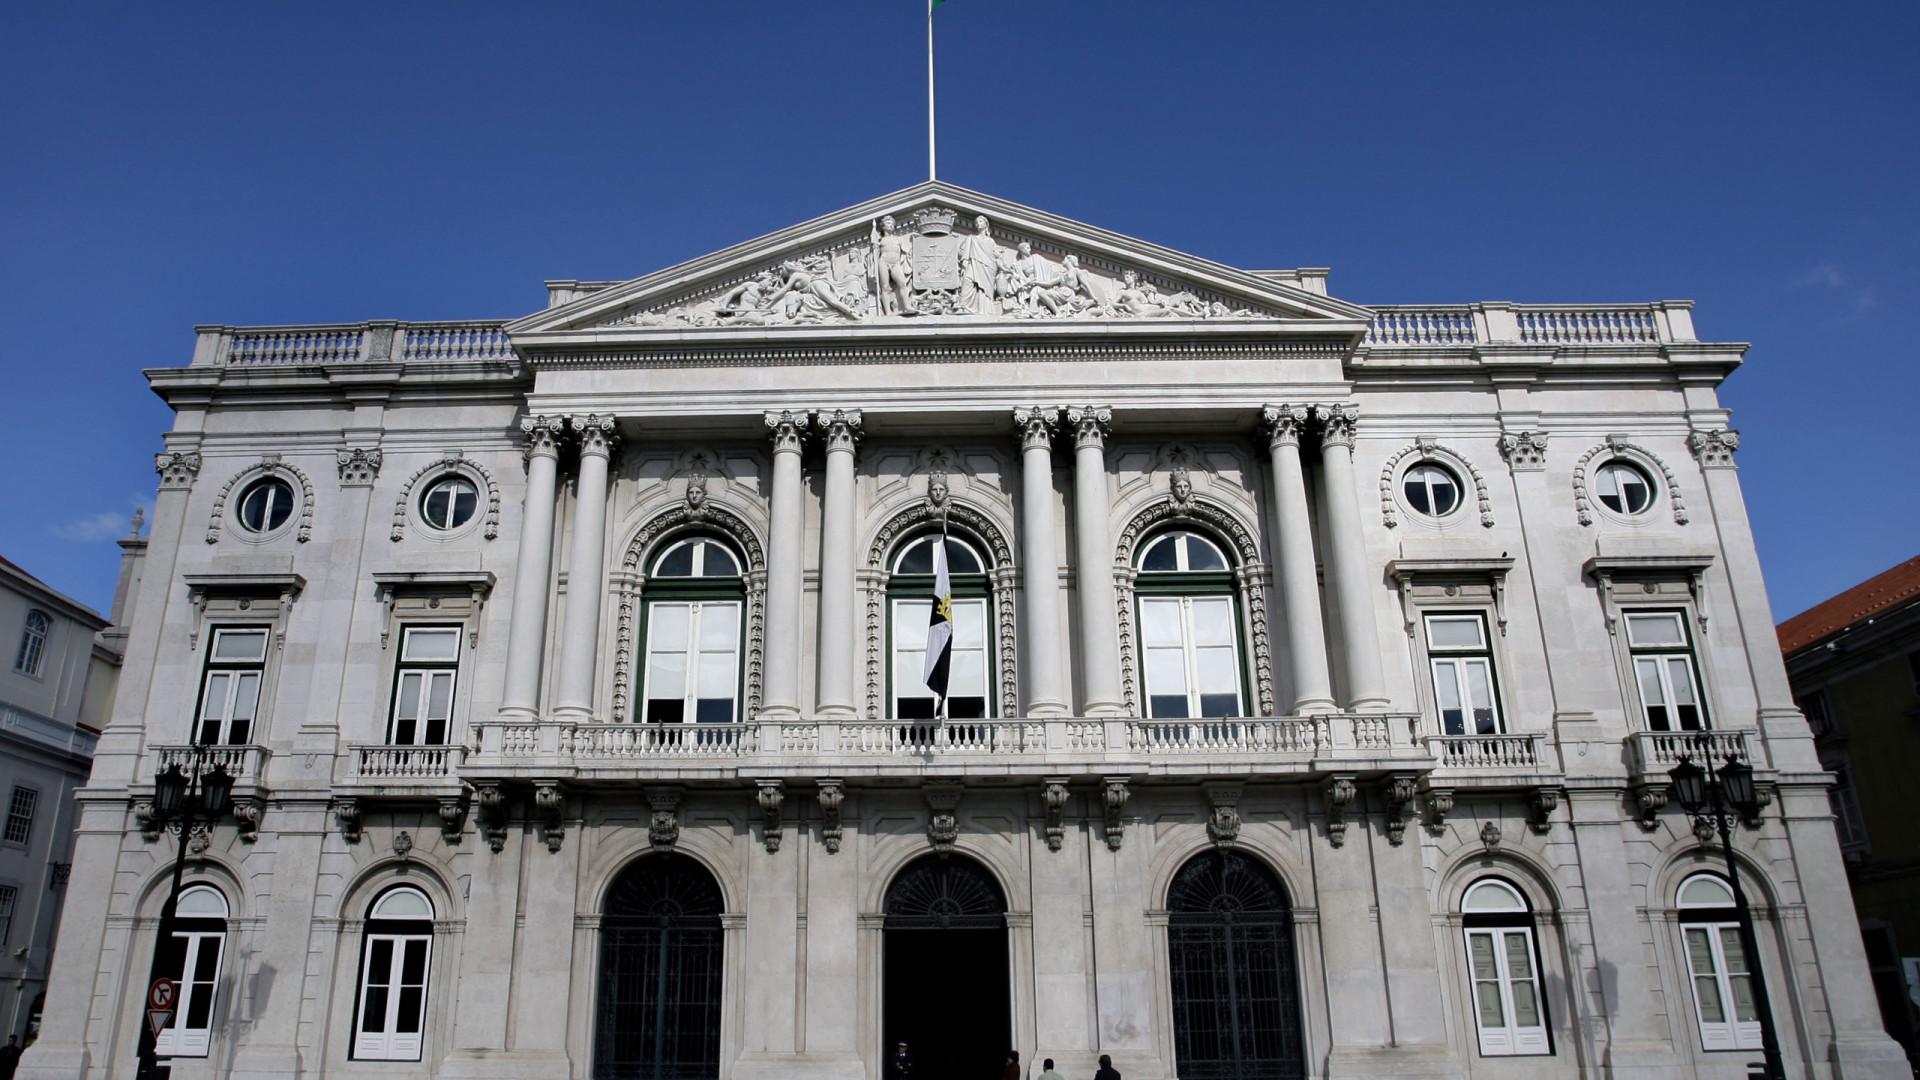 Lisboa aprova benefício fiscal de mais de dois milhões a prédios de luxo